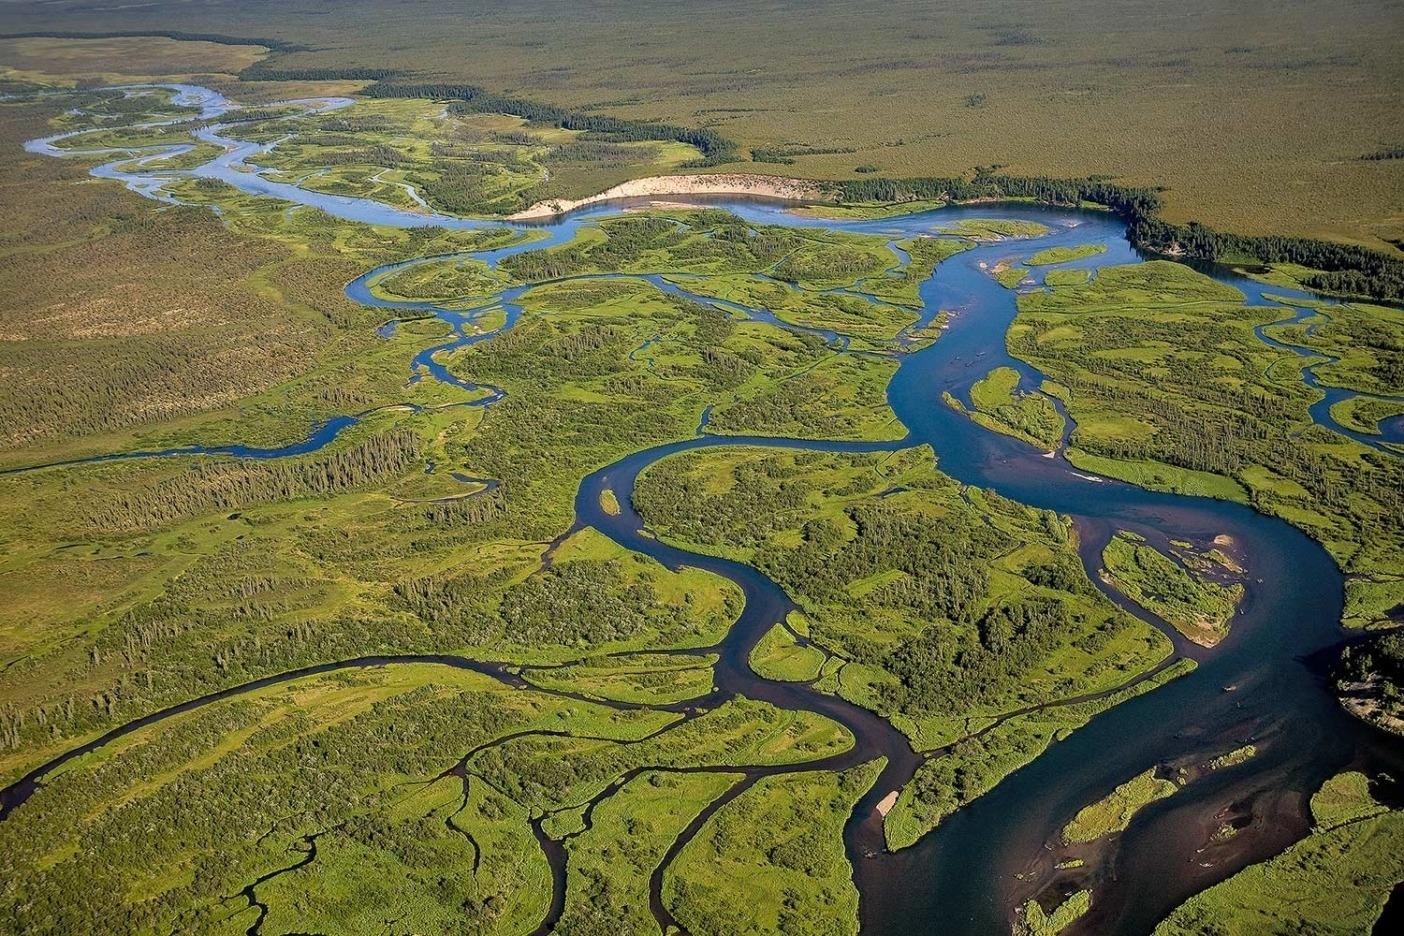 海まで約27キロ、アラナック川はブリストル湾を迂回し、クビチャック湾へと流れ出す。晴れた日にはベニザケの群れが数百メートル上から望める。アラスカ州。Photo: Ben Knight